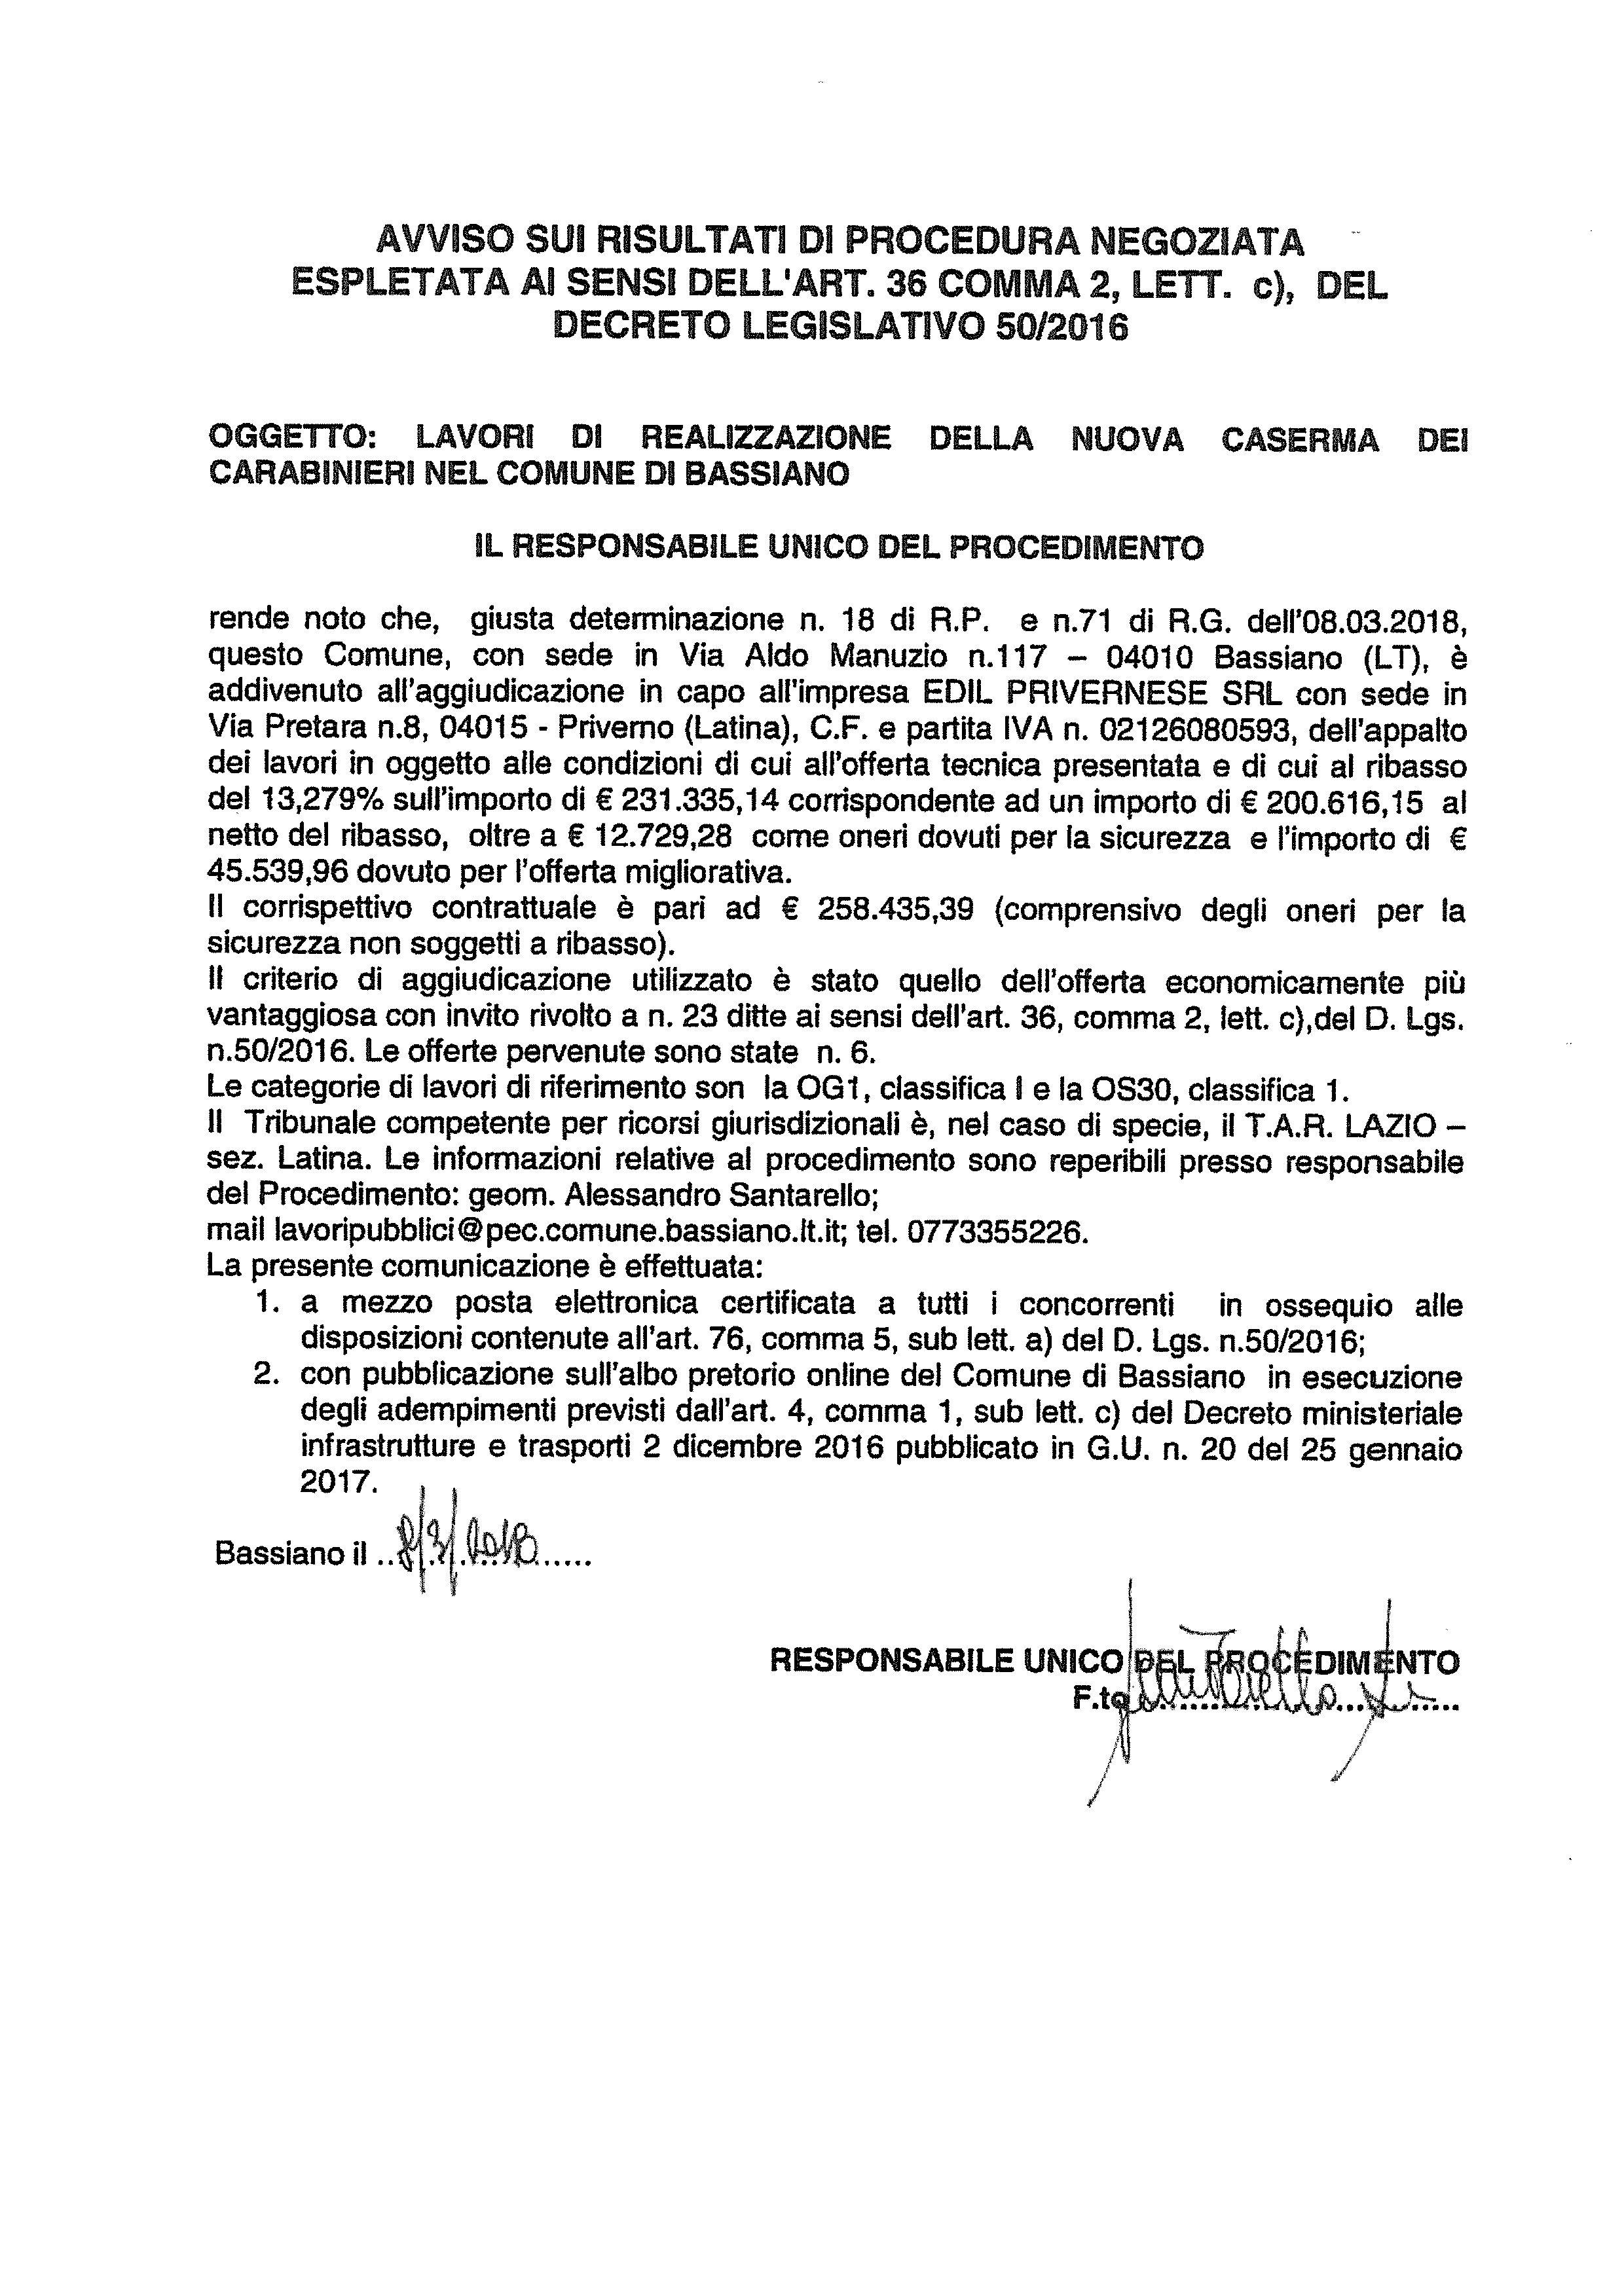 AVVISO SUI RISULTATI DI PROCEDURA NEGOZIATA ESPLETATA AI SENSI DELL'ART. 36 COMMA 2, LETT. C) DEL DECRETO LEGISLATIVO 50/2016 - LAVORI DI REALIZZAZIONE DELLA NUOVA CASERMA DEI CARABINIERI NEL COMUNE DI BASSIANO